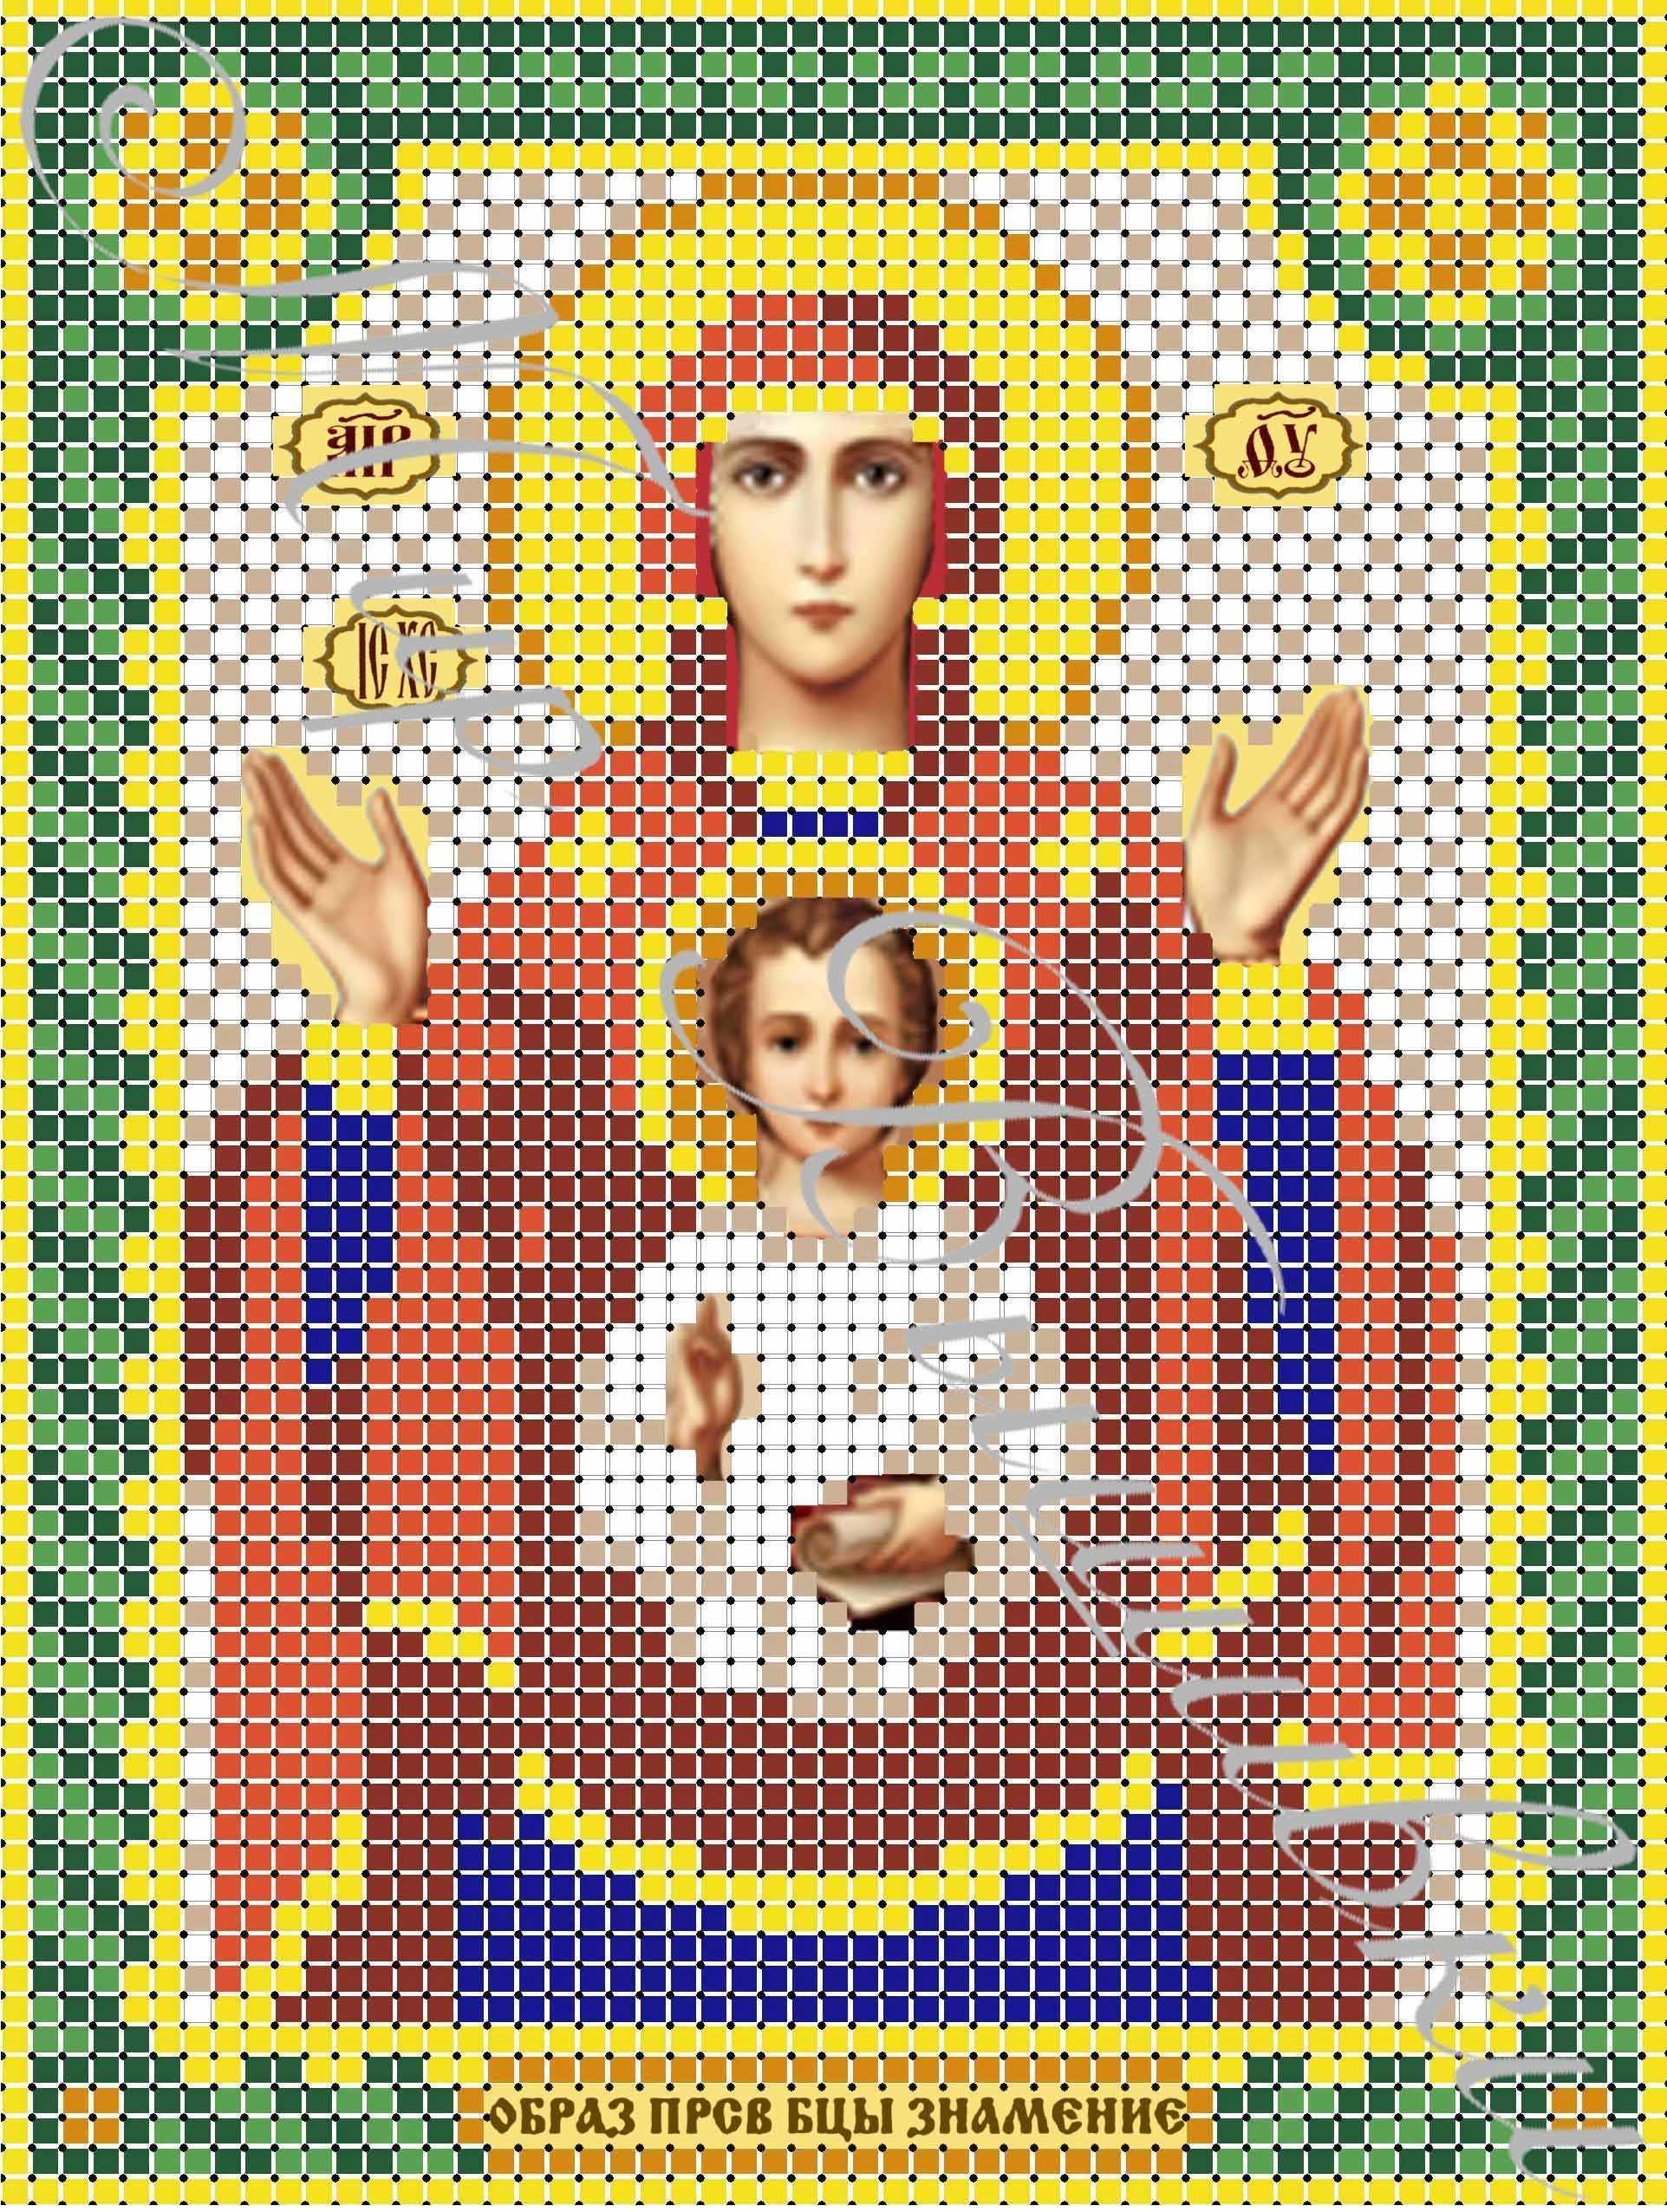 ДА5-011 Знамение - схема для вышивания (Наследие)